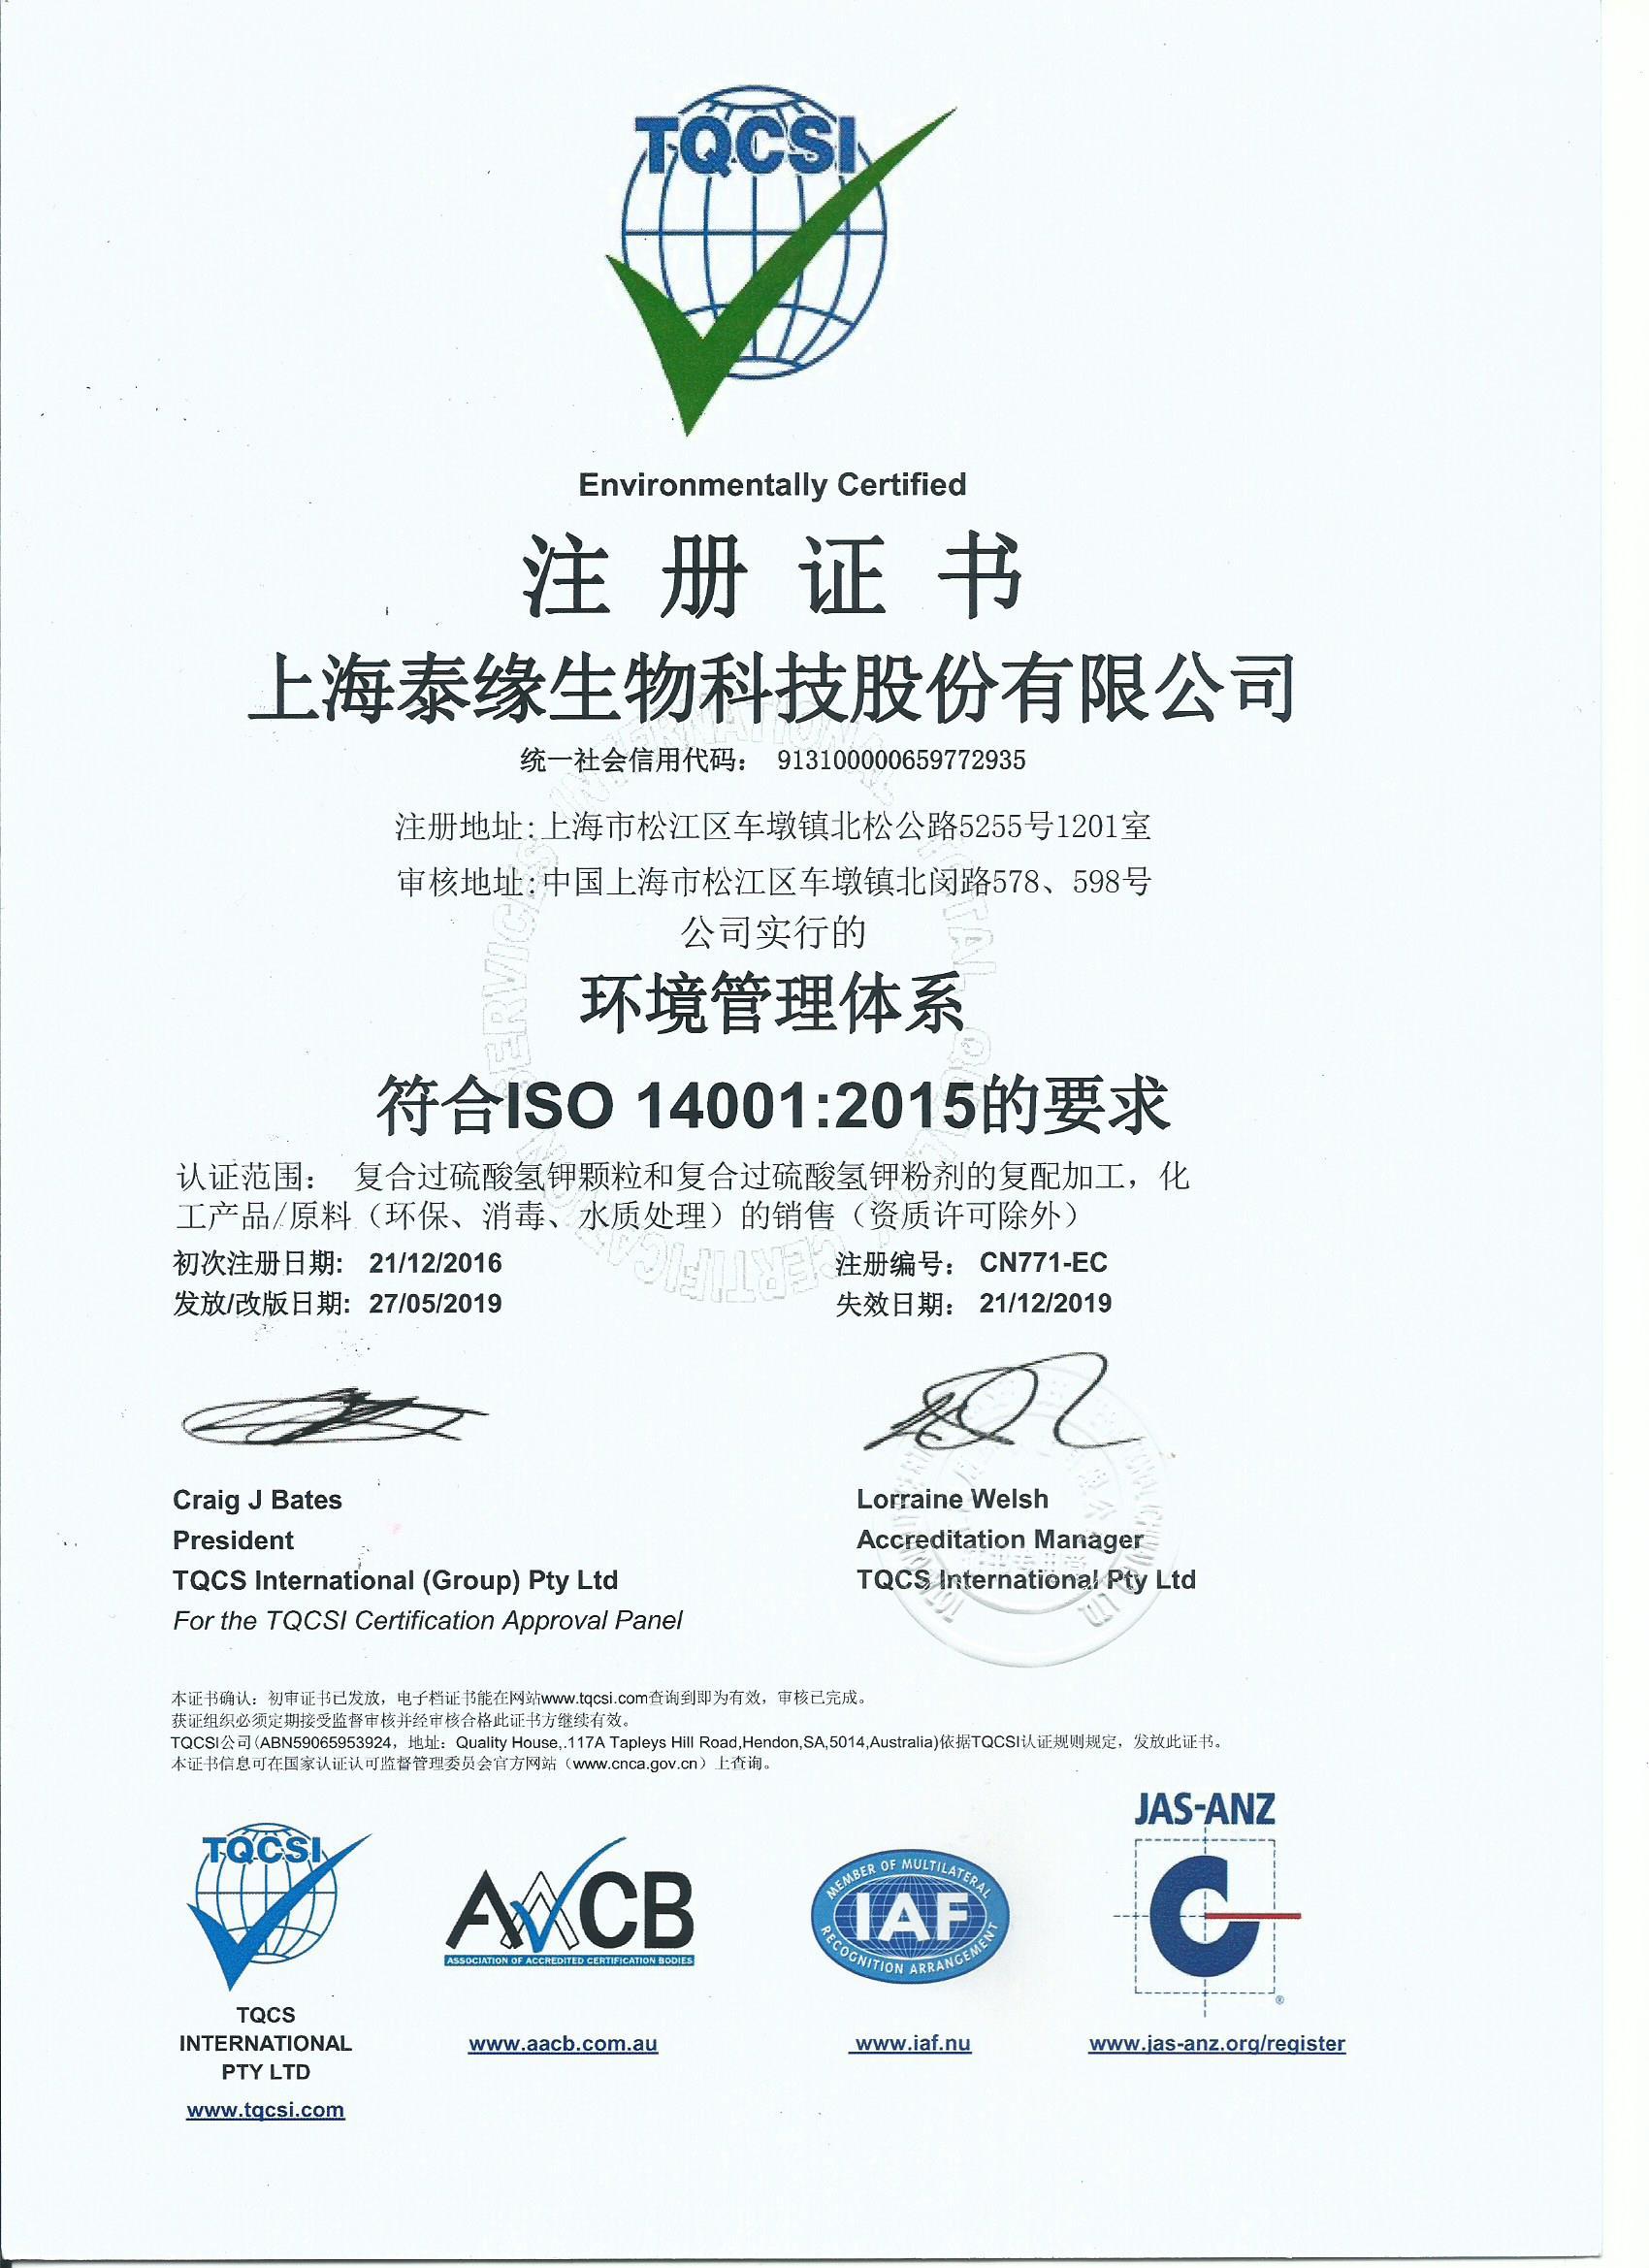 2015年环境管理体系认证证书.jpg